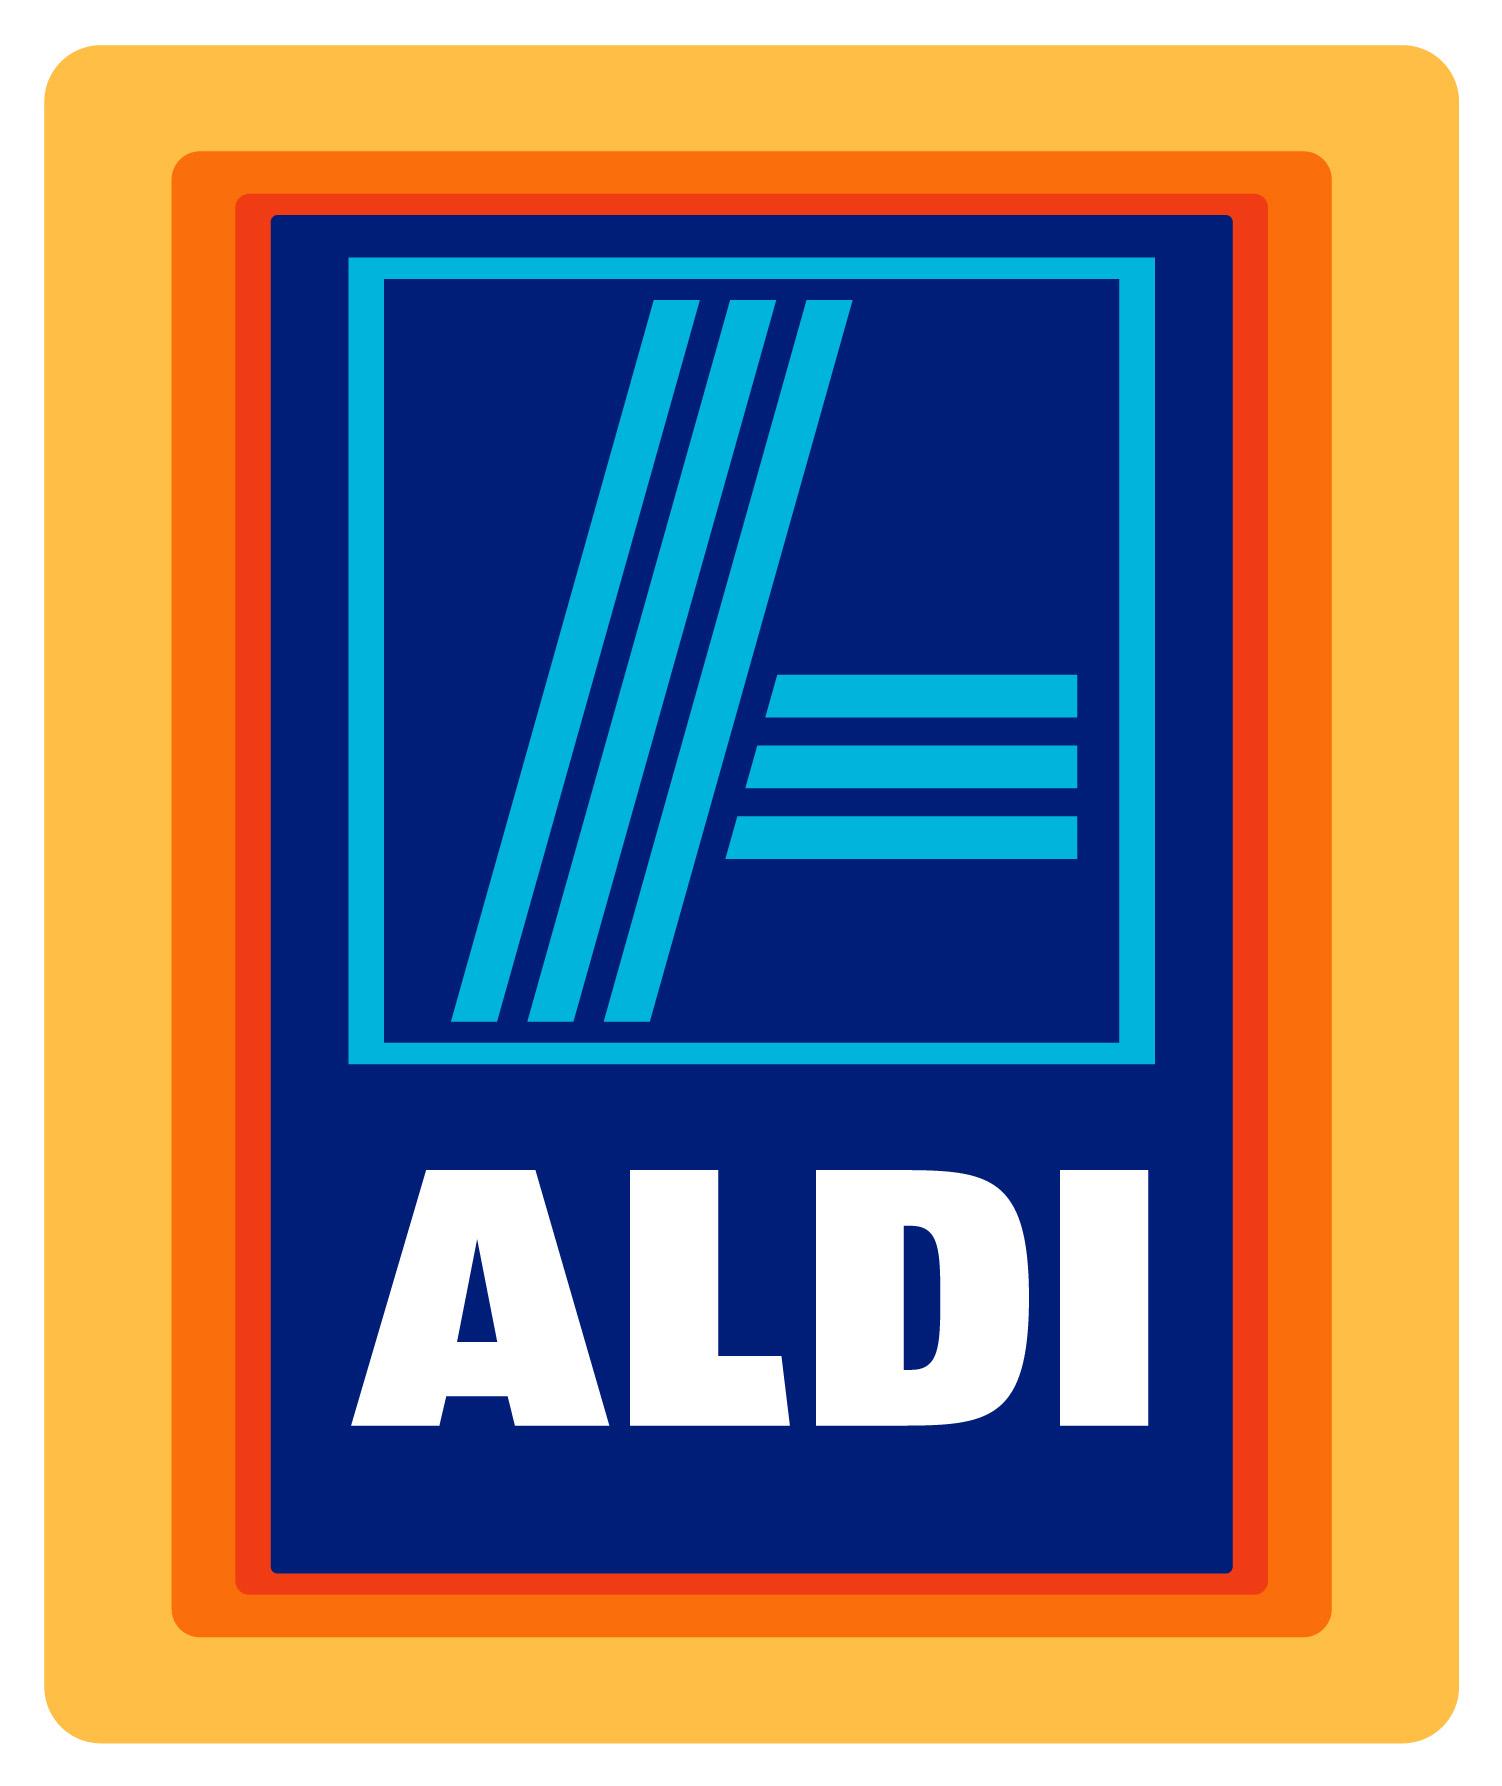 Prodejny Aldi rozšiřují nabídku biopotravin